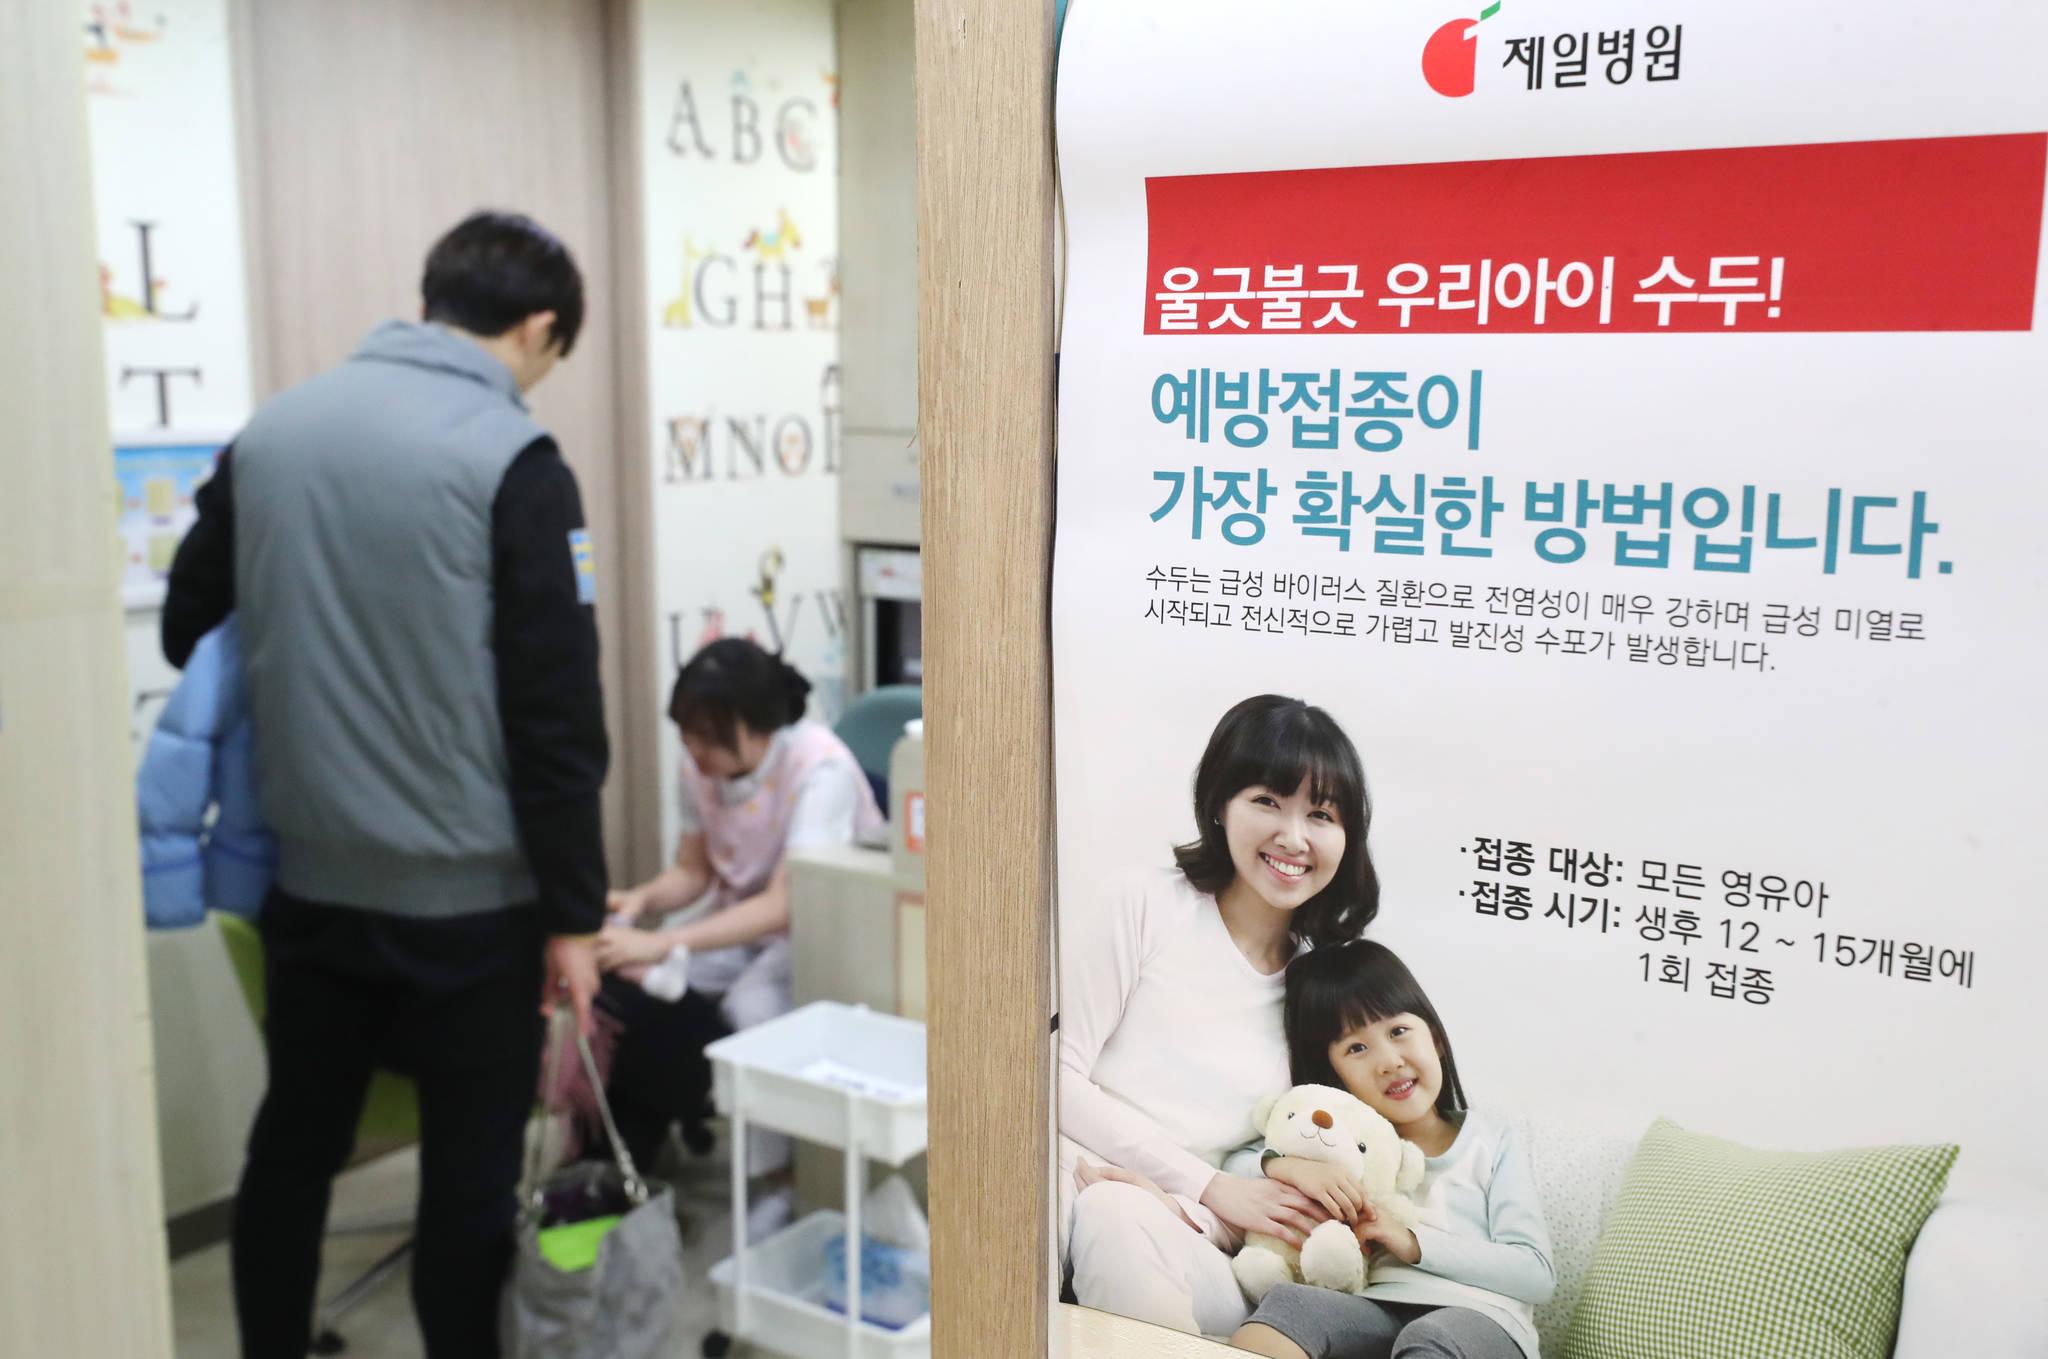 지난해 아동을 중심으로 수두 환자가 크게 늘어난 것으로 집계됐다. 한 병원에 붙어있는 수두 예방접종 포스터. [연합뉴스]